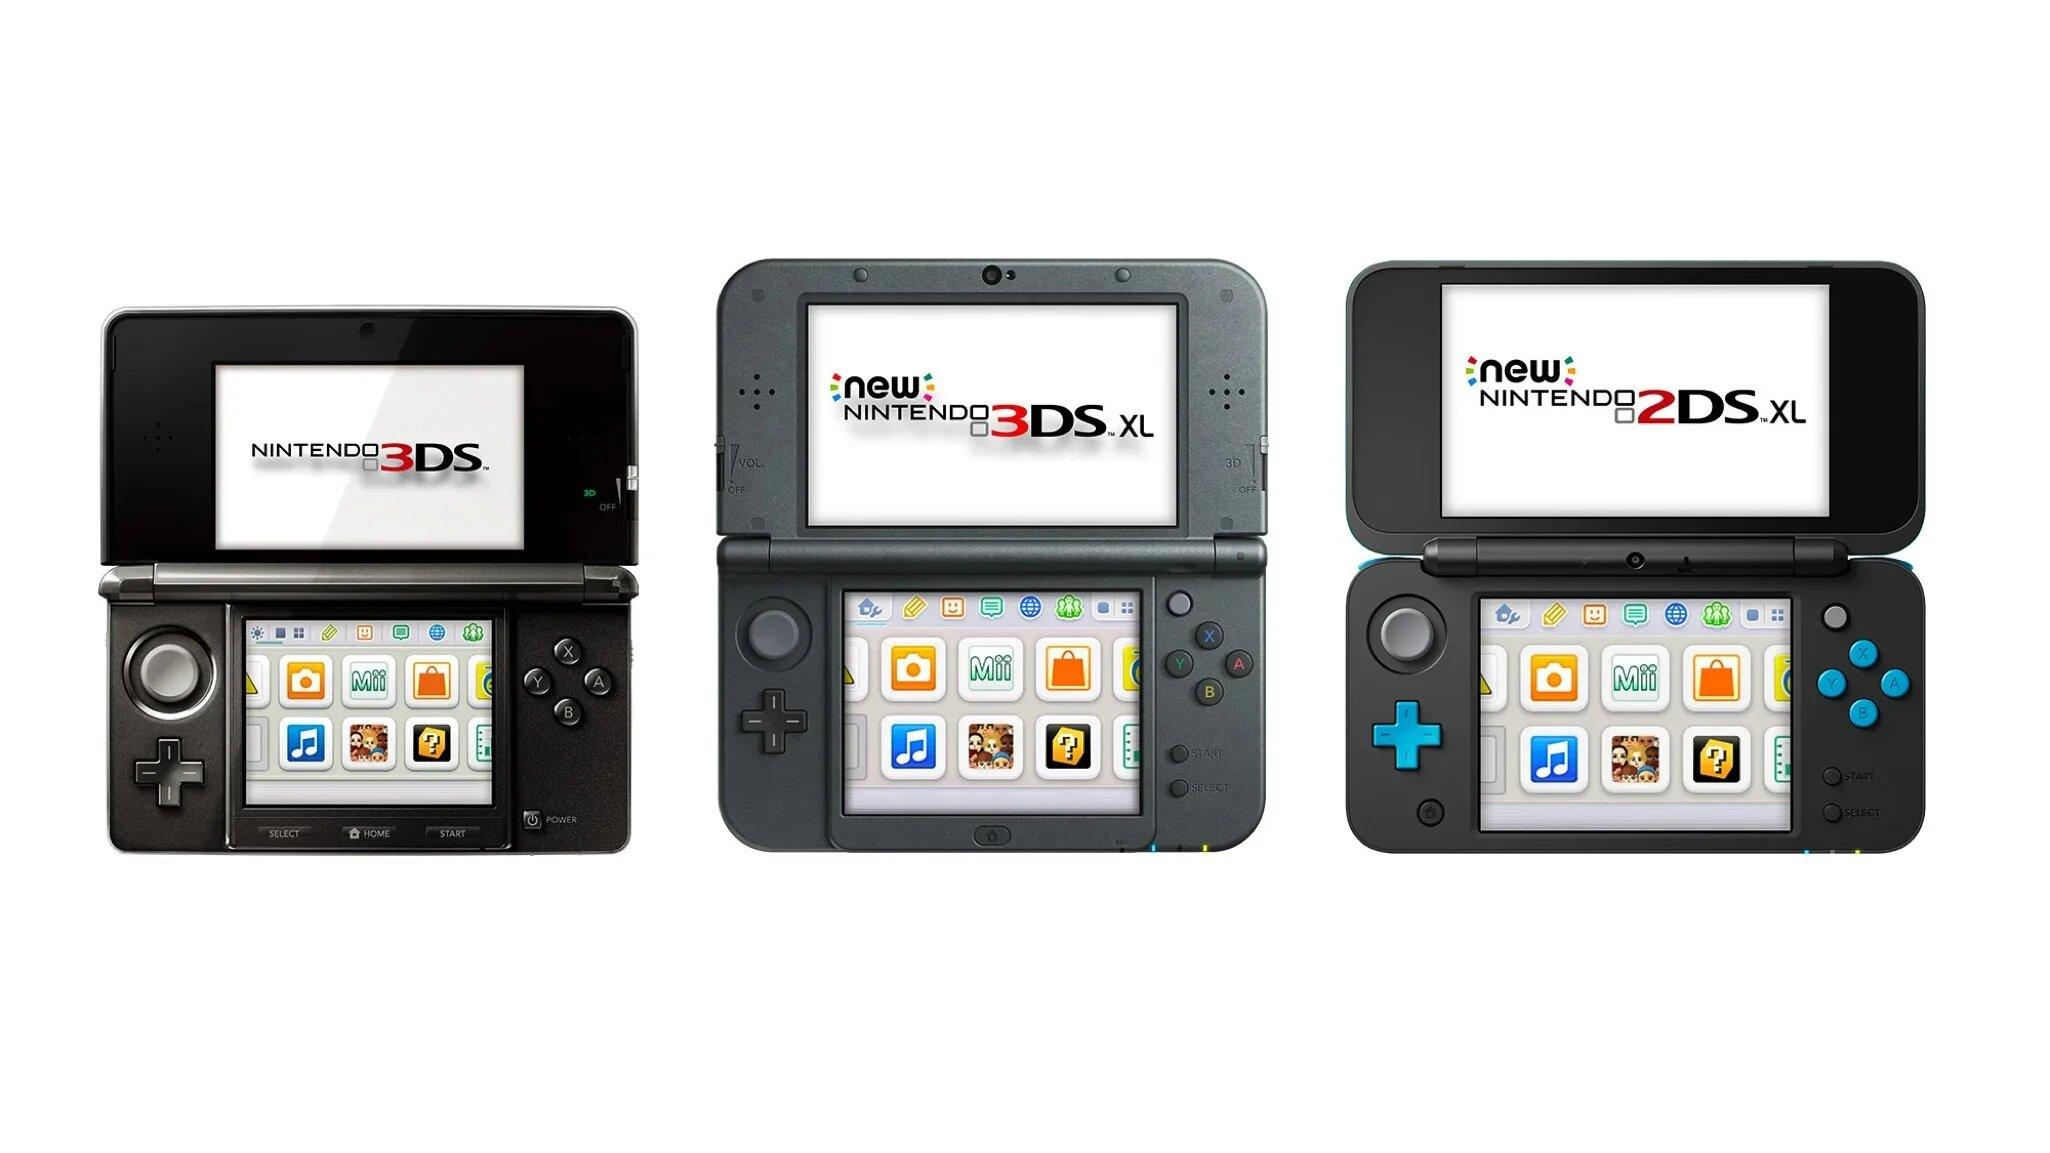 Обновление за номером 11.14.0-46 вышло на… 3DS 2